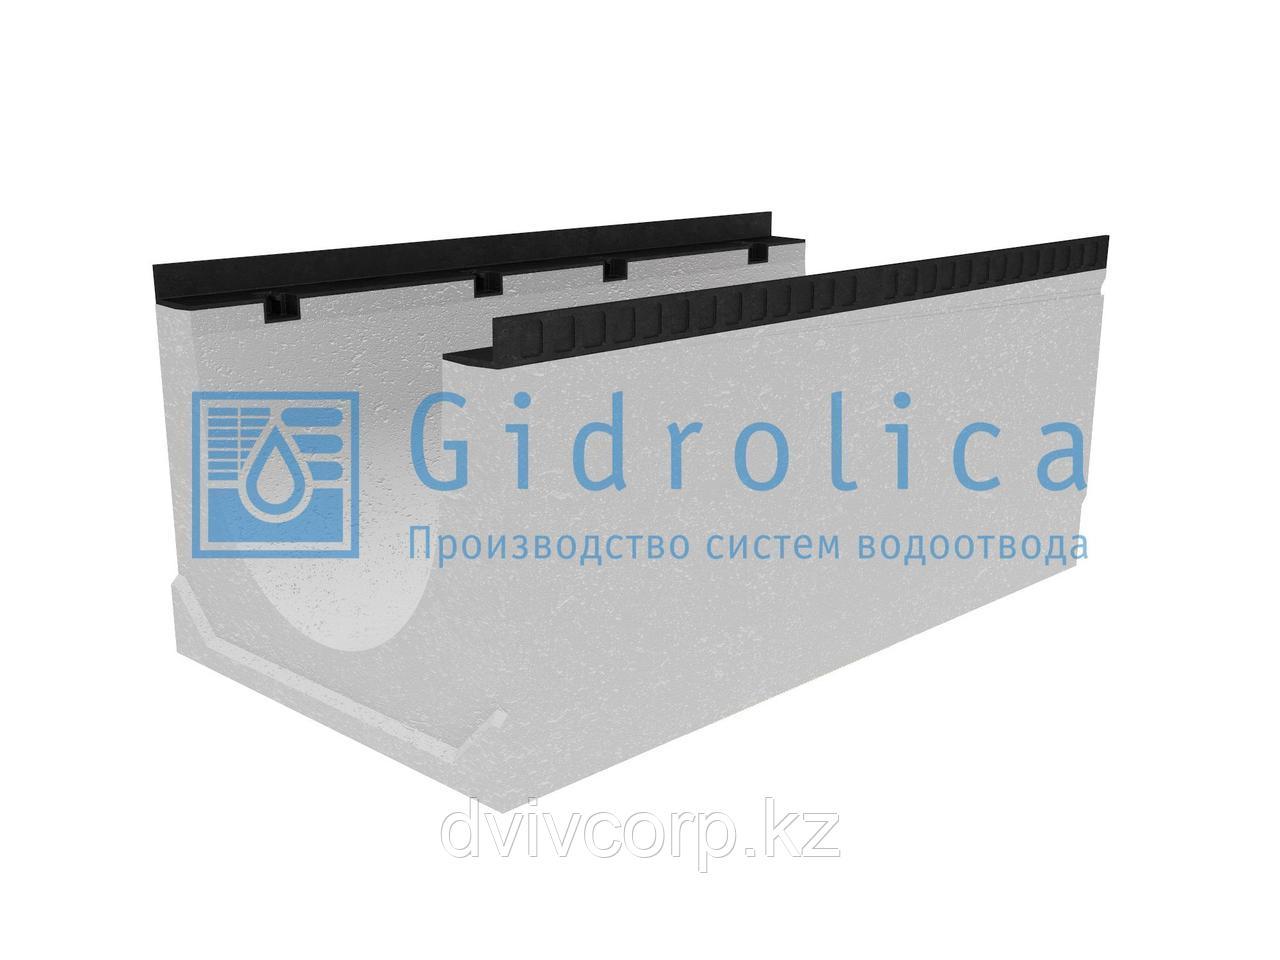 Лоток водоотводный бетонный коробчатый (СО-400мм), с уклоном 0,5% КUу 100.54(40).44,5(36,5) - BGМ, № -2